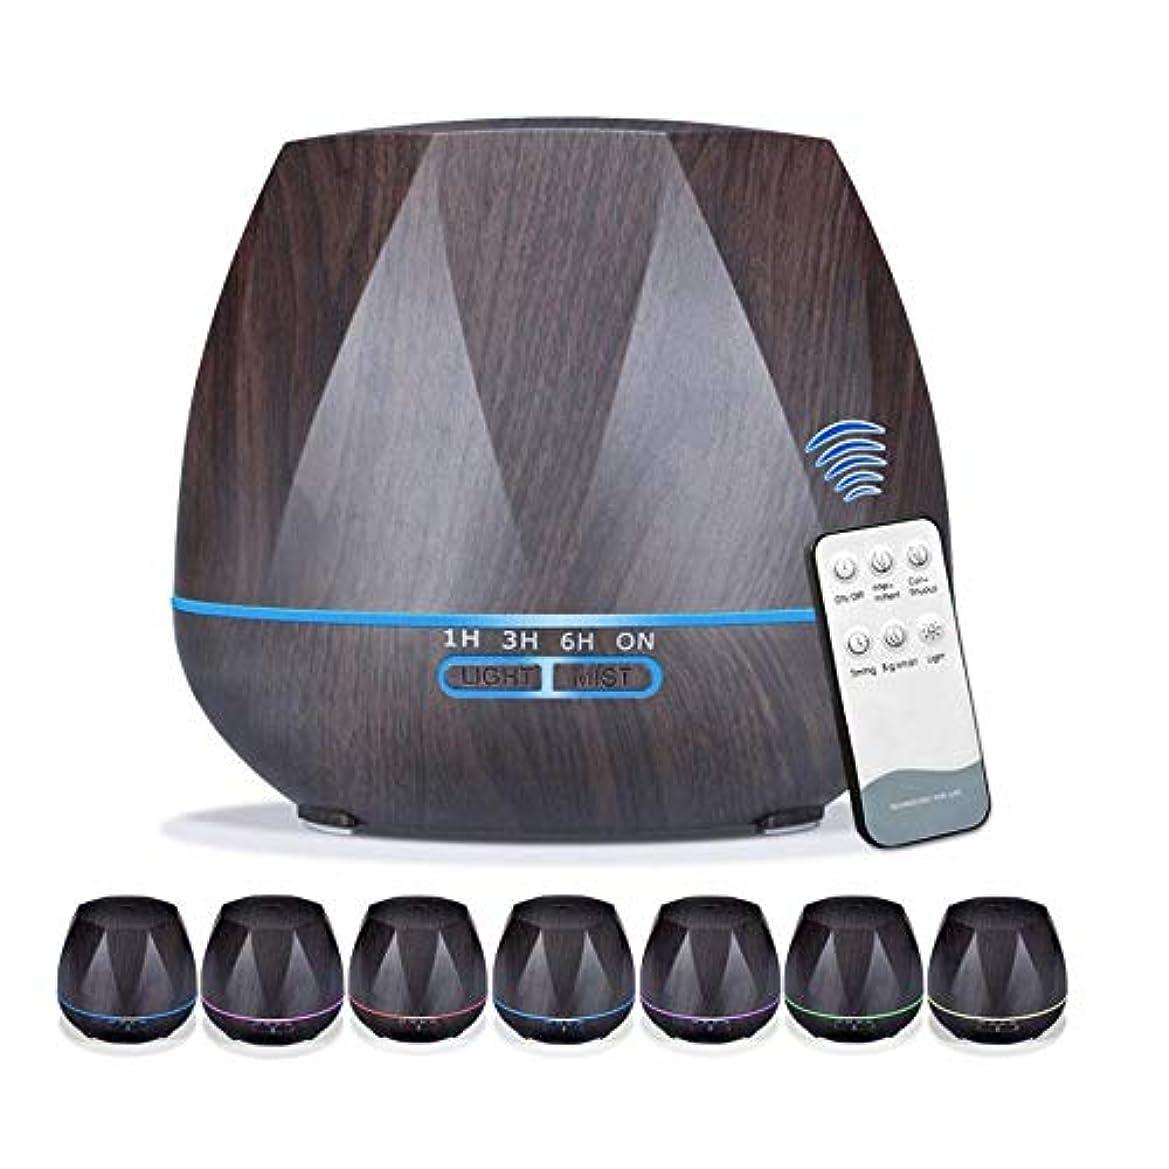 儀式悲しいことに驚きエッセンシャルオイルディフューザー - 超音波空気加湿器、リモートセットLEDライトタイミングサイレントオイルディフューザー - 自動閉鎖(ディープウッドグレイン)